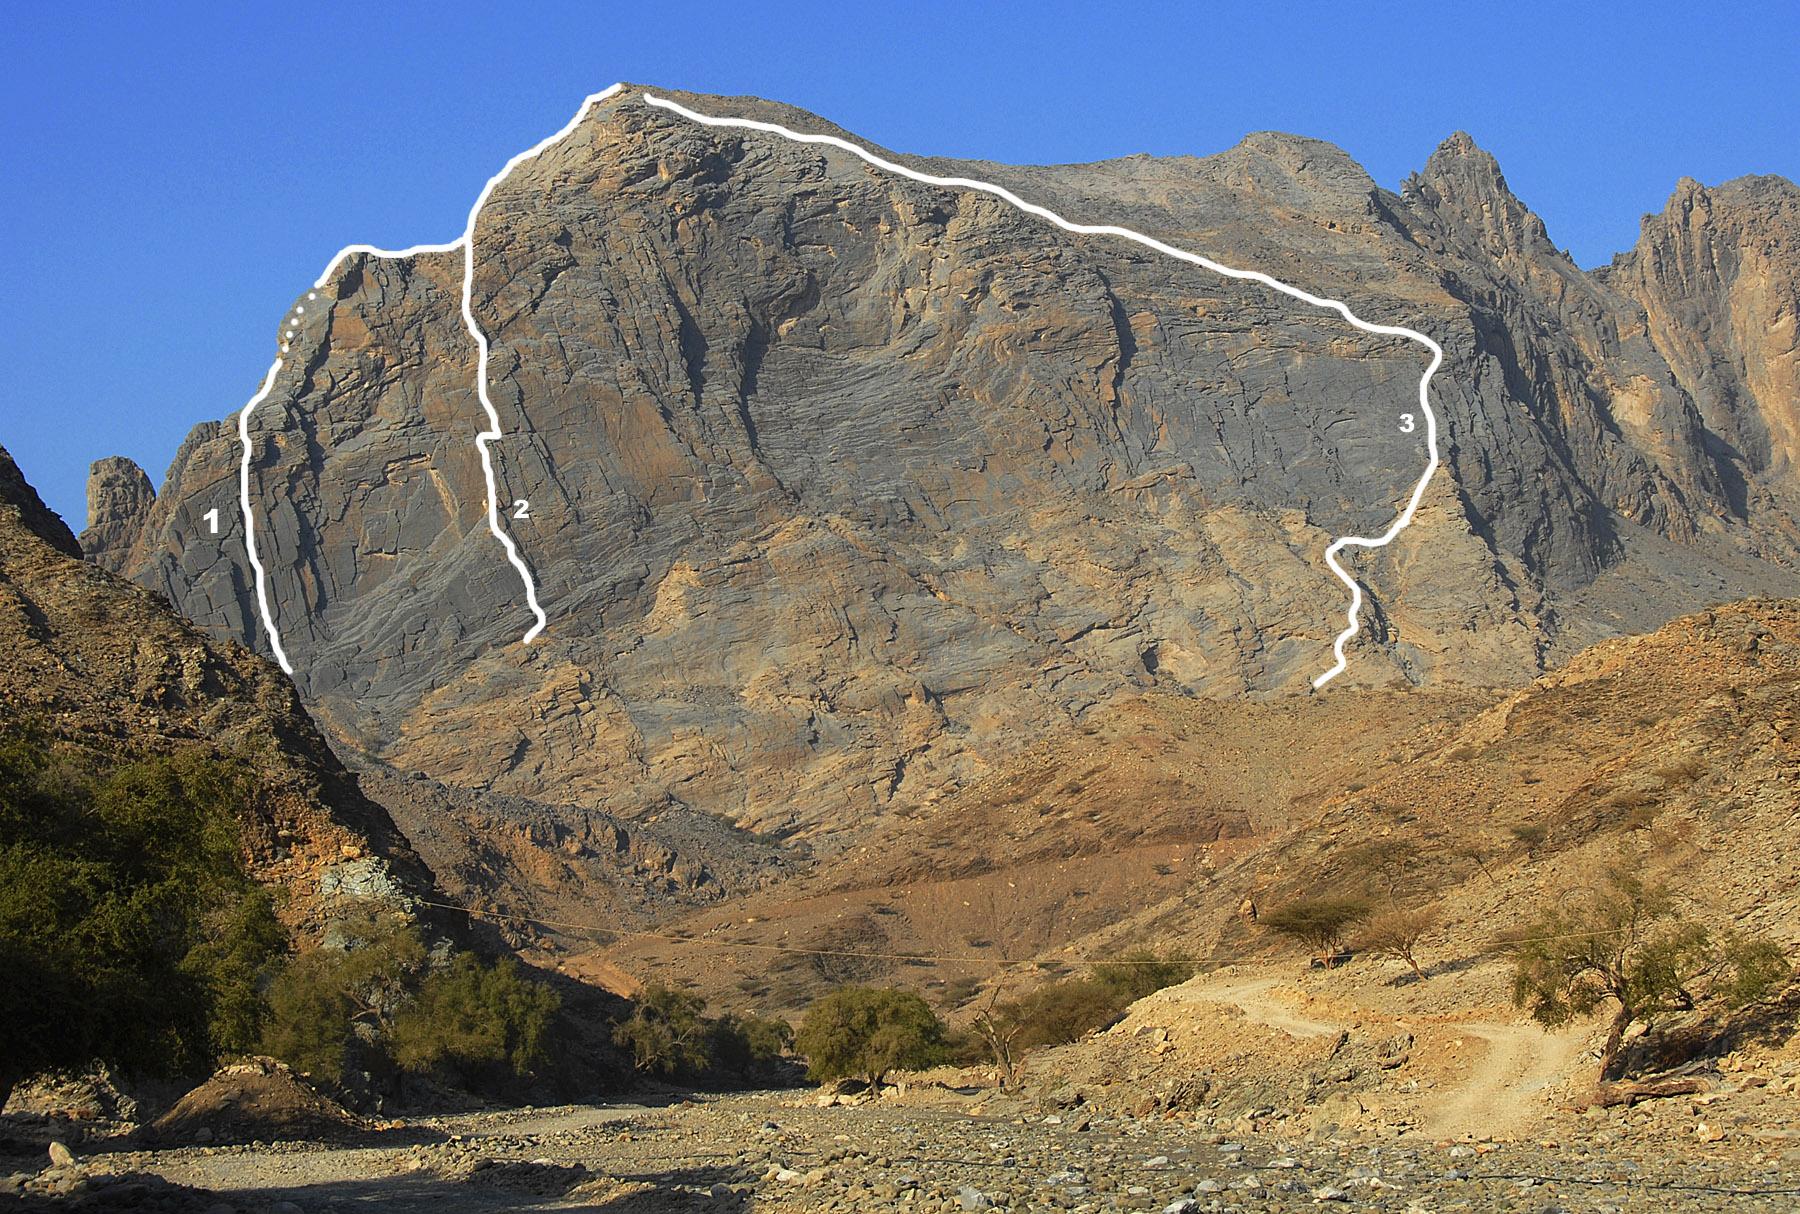 The 500m east face of Jabal Nakhus. (1) F-Sharp (5.10, Gough-Sambataro, 2009). (2) Hand Grater. (3) Descent route.